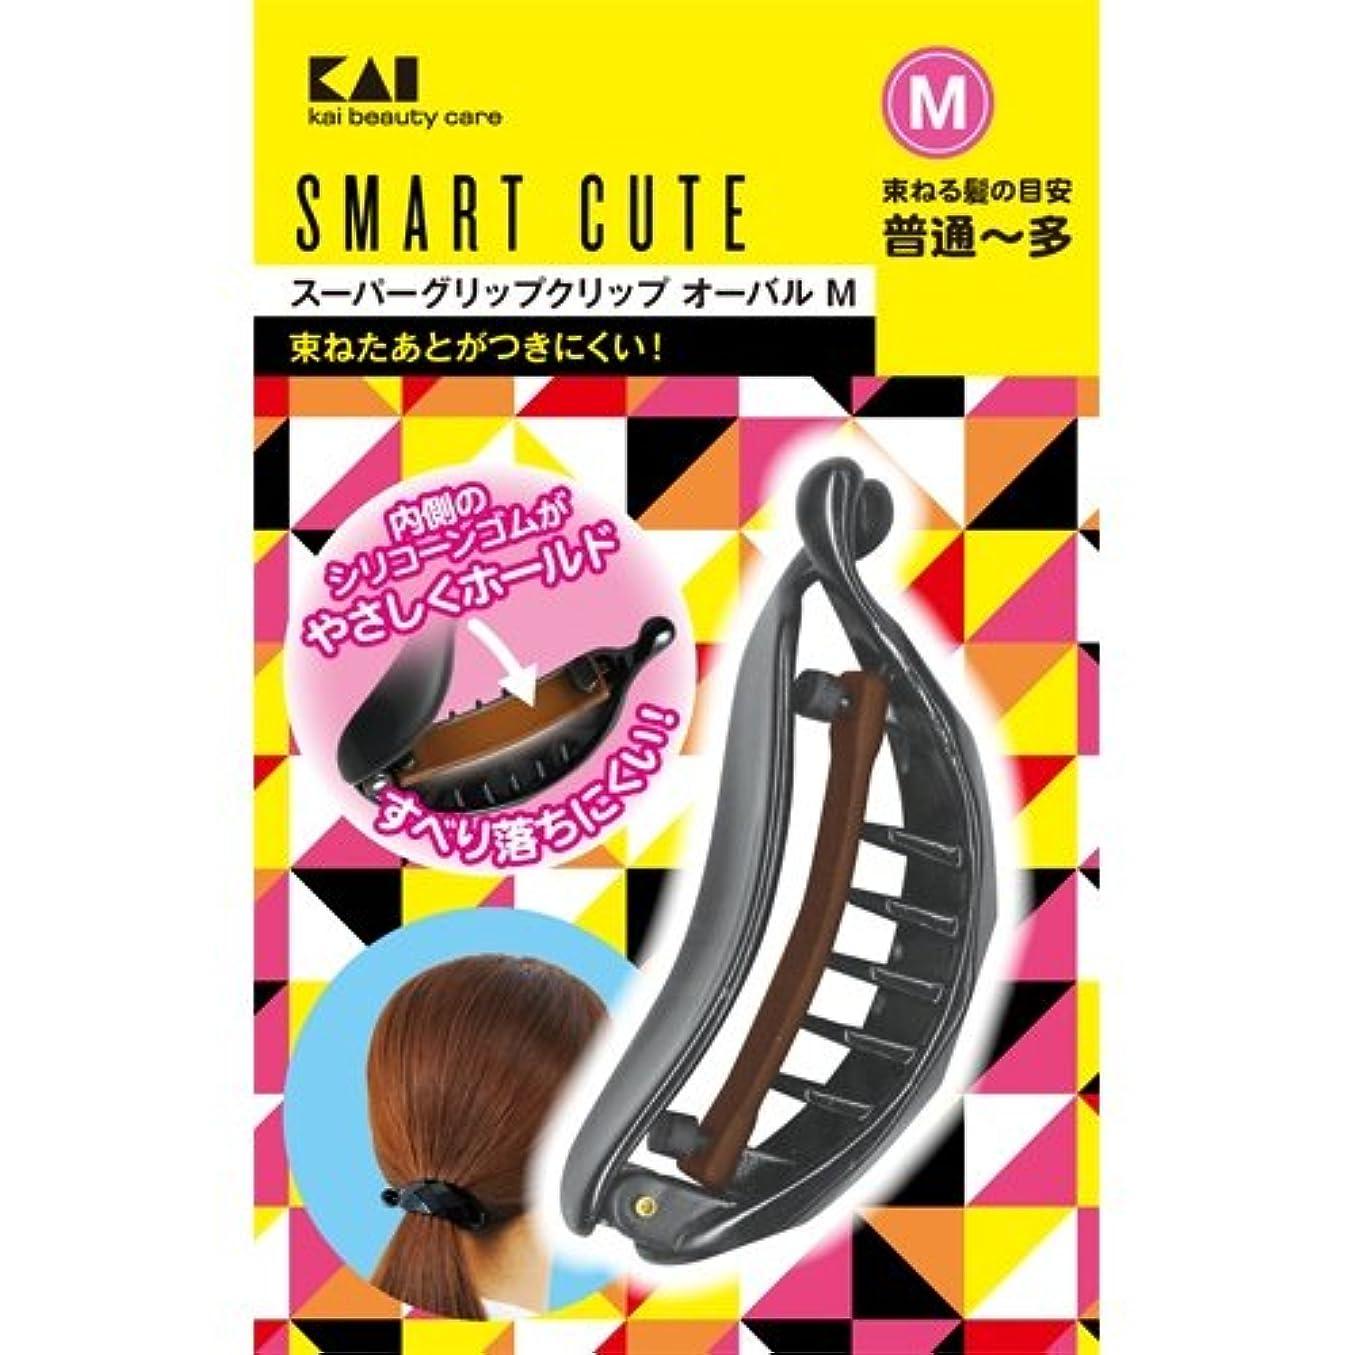 消す反論者描写スマートキュート(SmartCute)スーパーグリップクリップオーバルМ HC3307